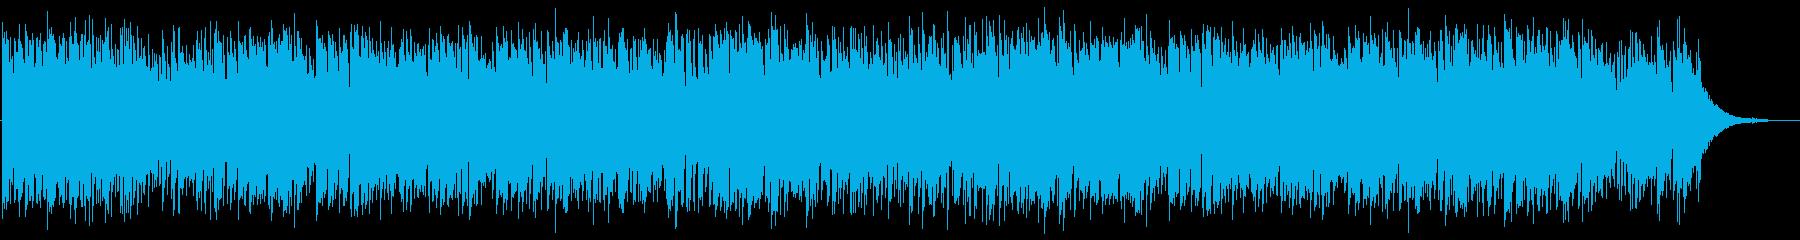 ワルツ「眠れる森の美女」よりJazzの再生済みの波形